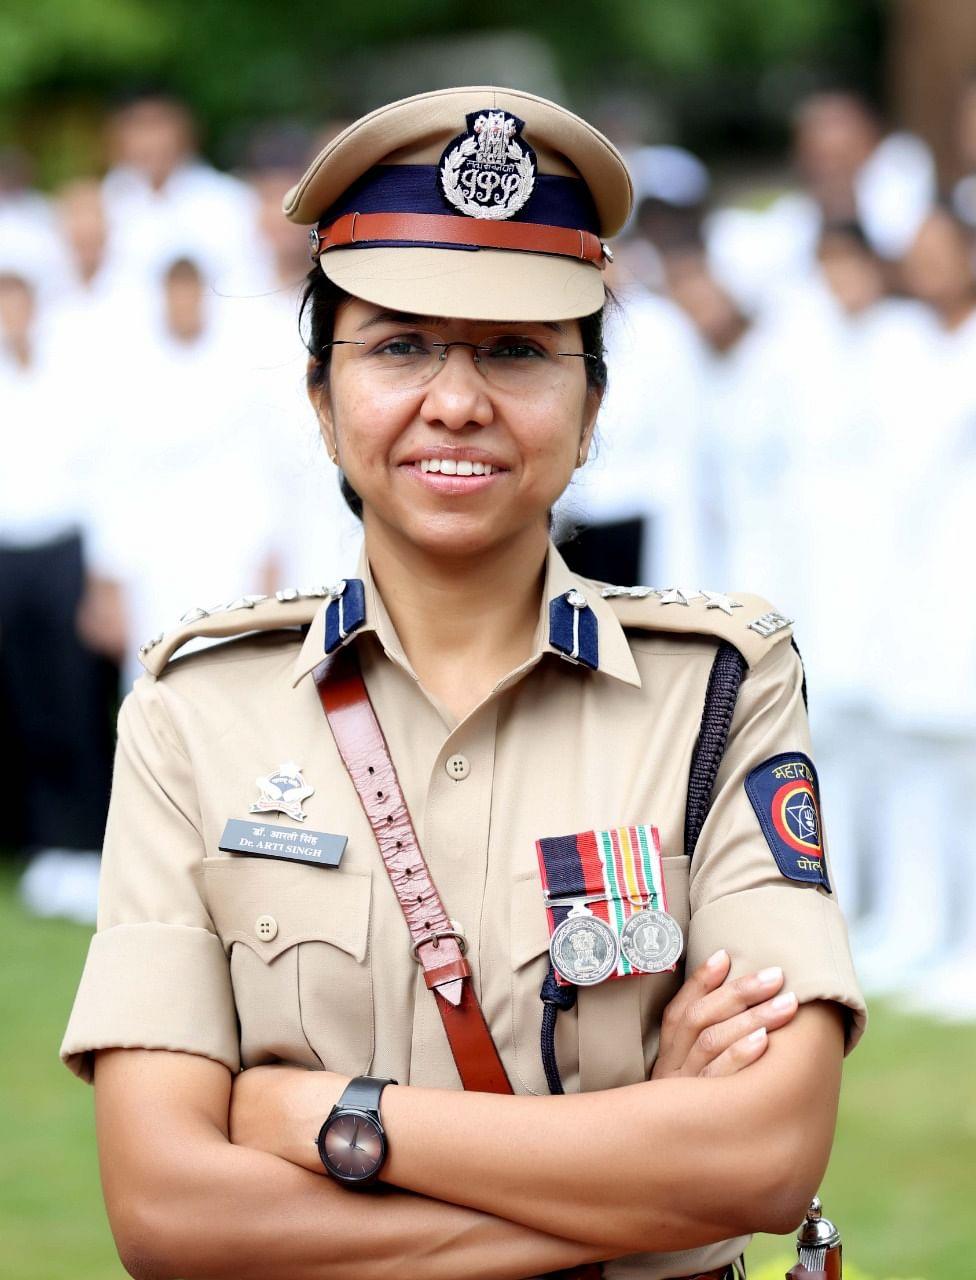 कोविड-१९ लढा देण्यास पोलिस विभाग सज्ज : पोलिस अधीक्षक डॉ. आरती सिंग